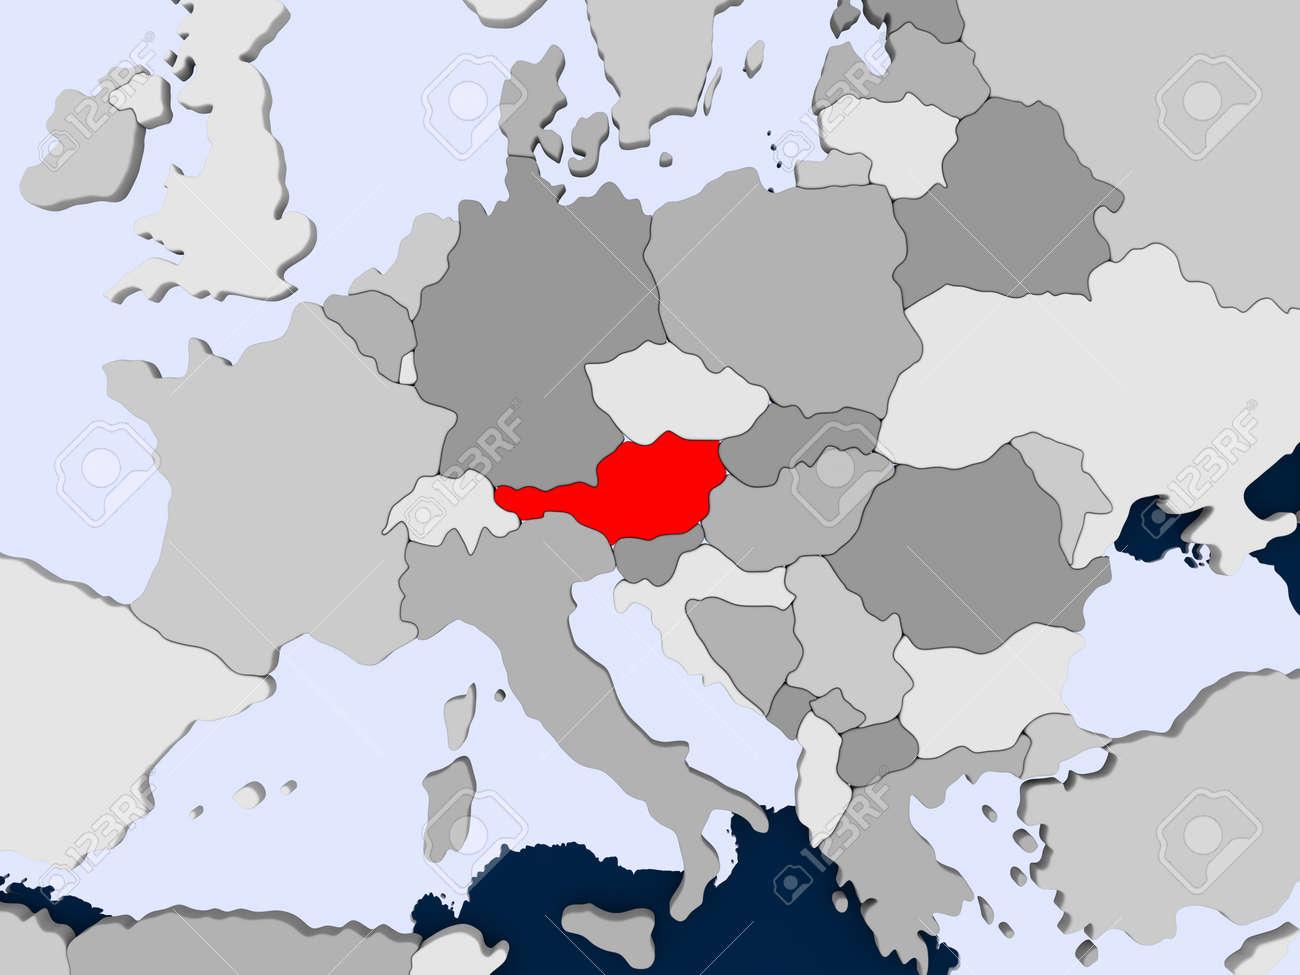 Mapa Politico De Austria.Austria En Rojo En El Mapa Politico Con Los Oceanos Transparentes Ilustracion 3d